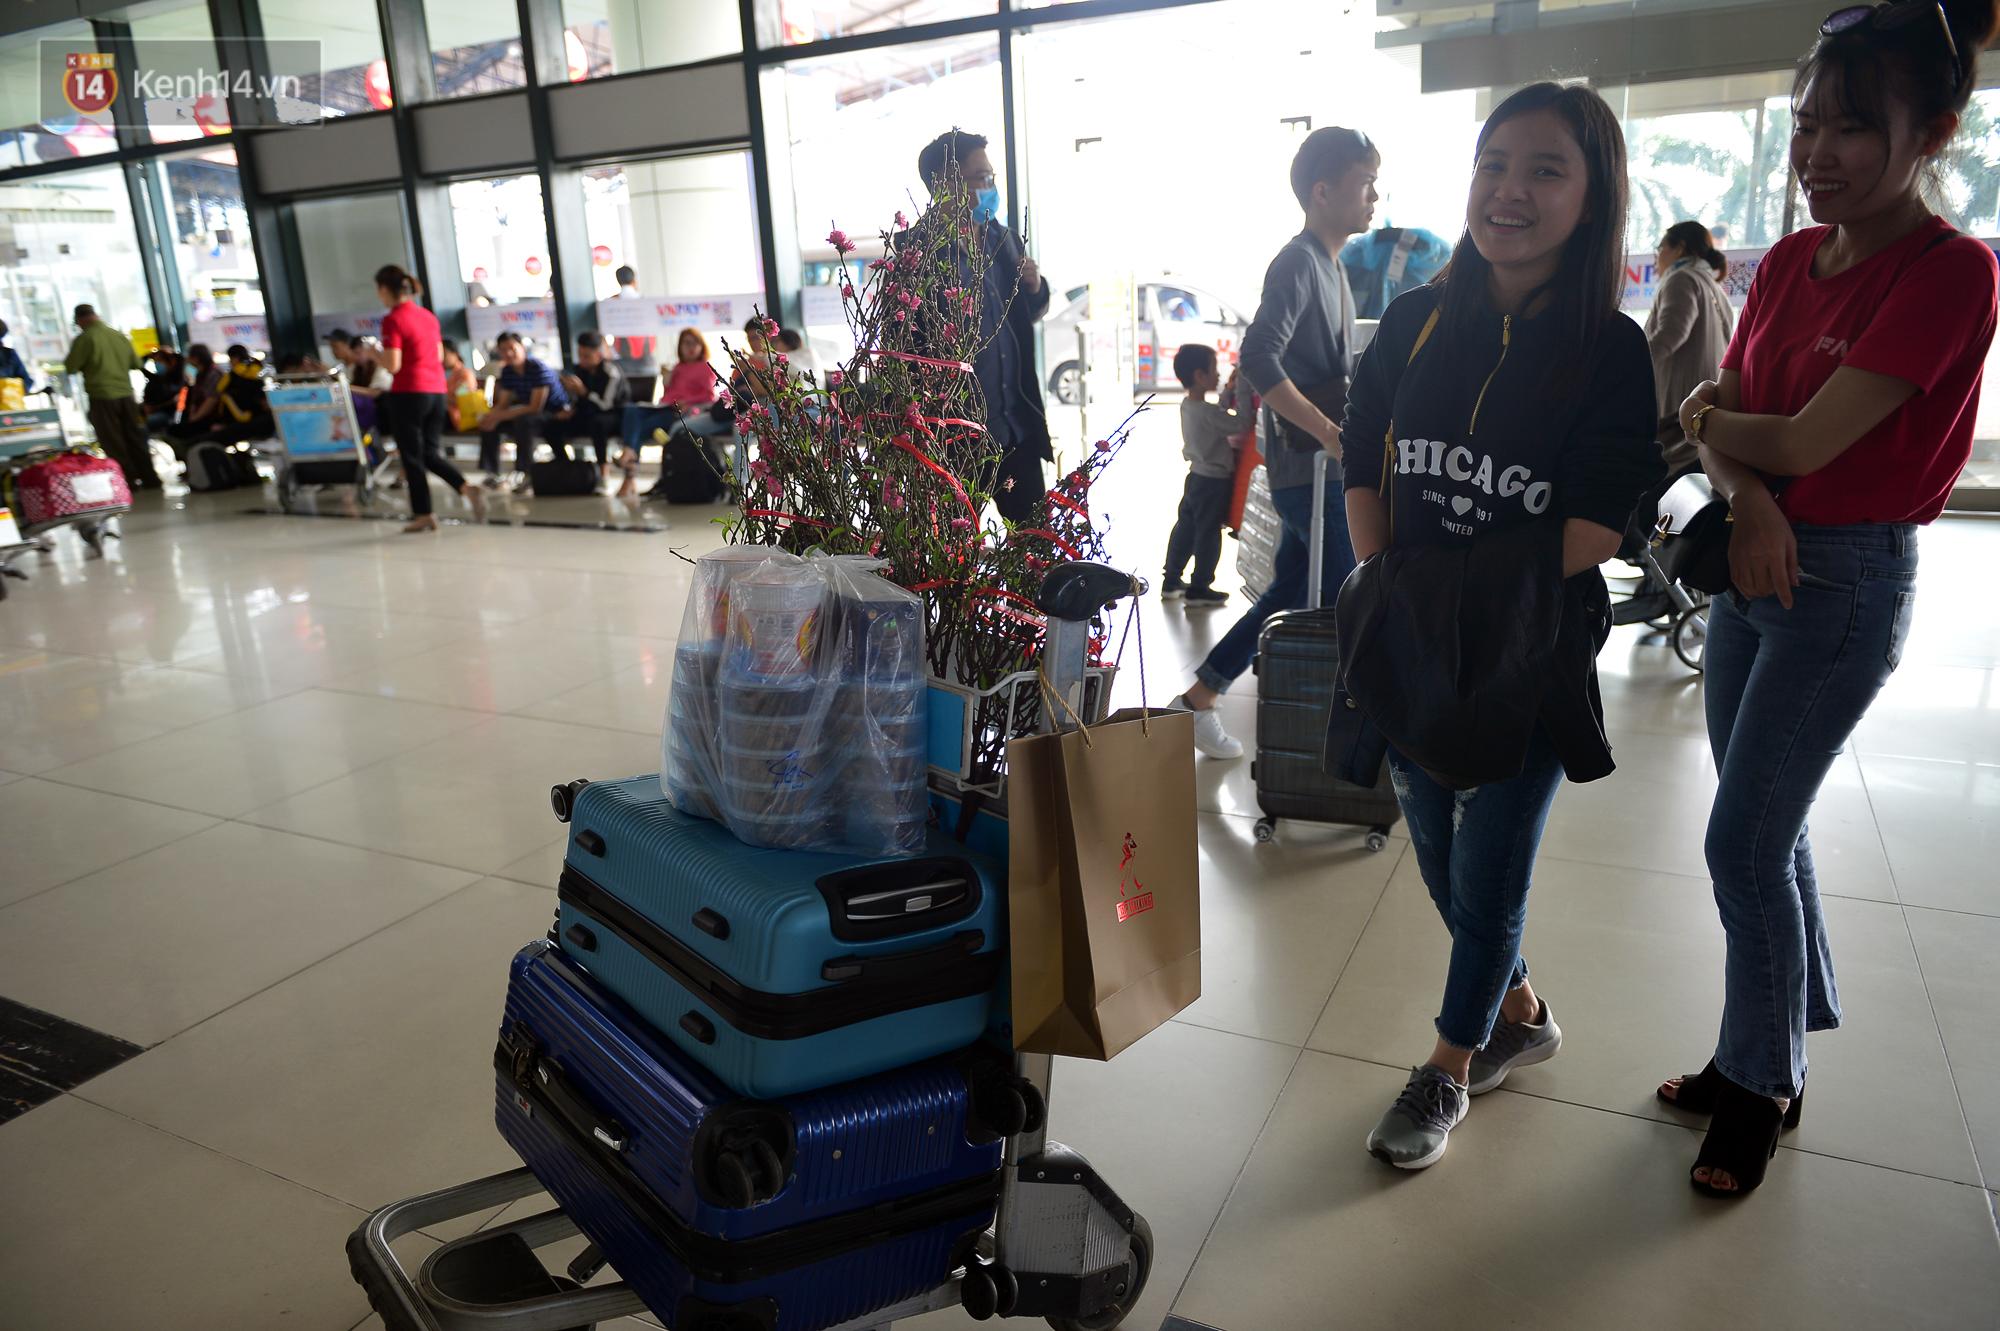 Ảnh: Sân bay Nội Bài vắng vẻ cận Tết Nguyên Đán, khác hẳn cảnh tượng đông đúc mọi năm - Ảnh 5.